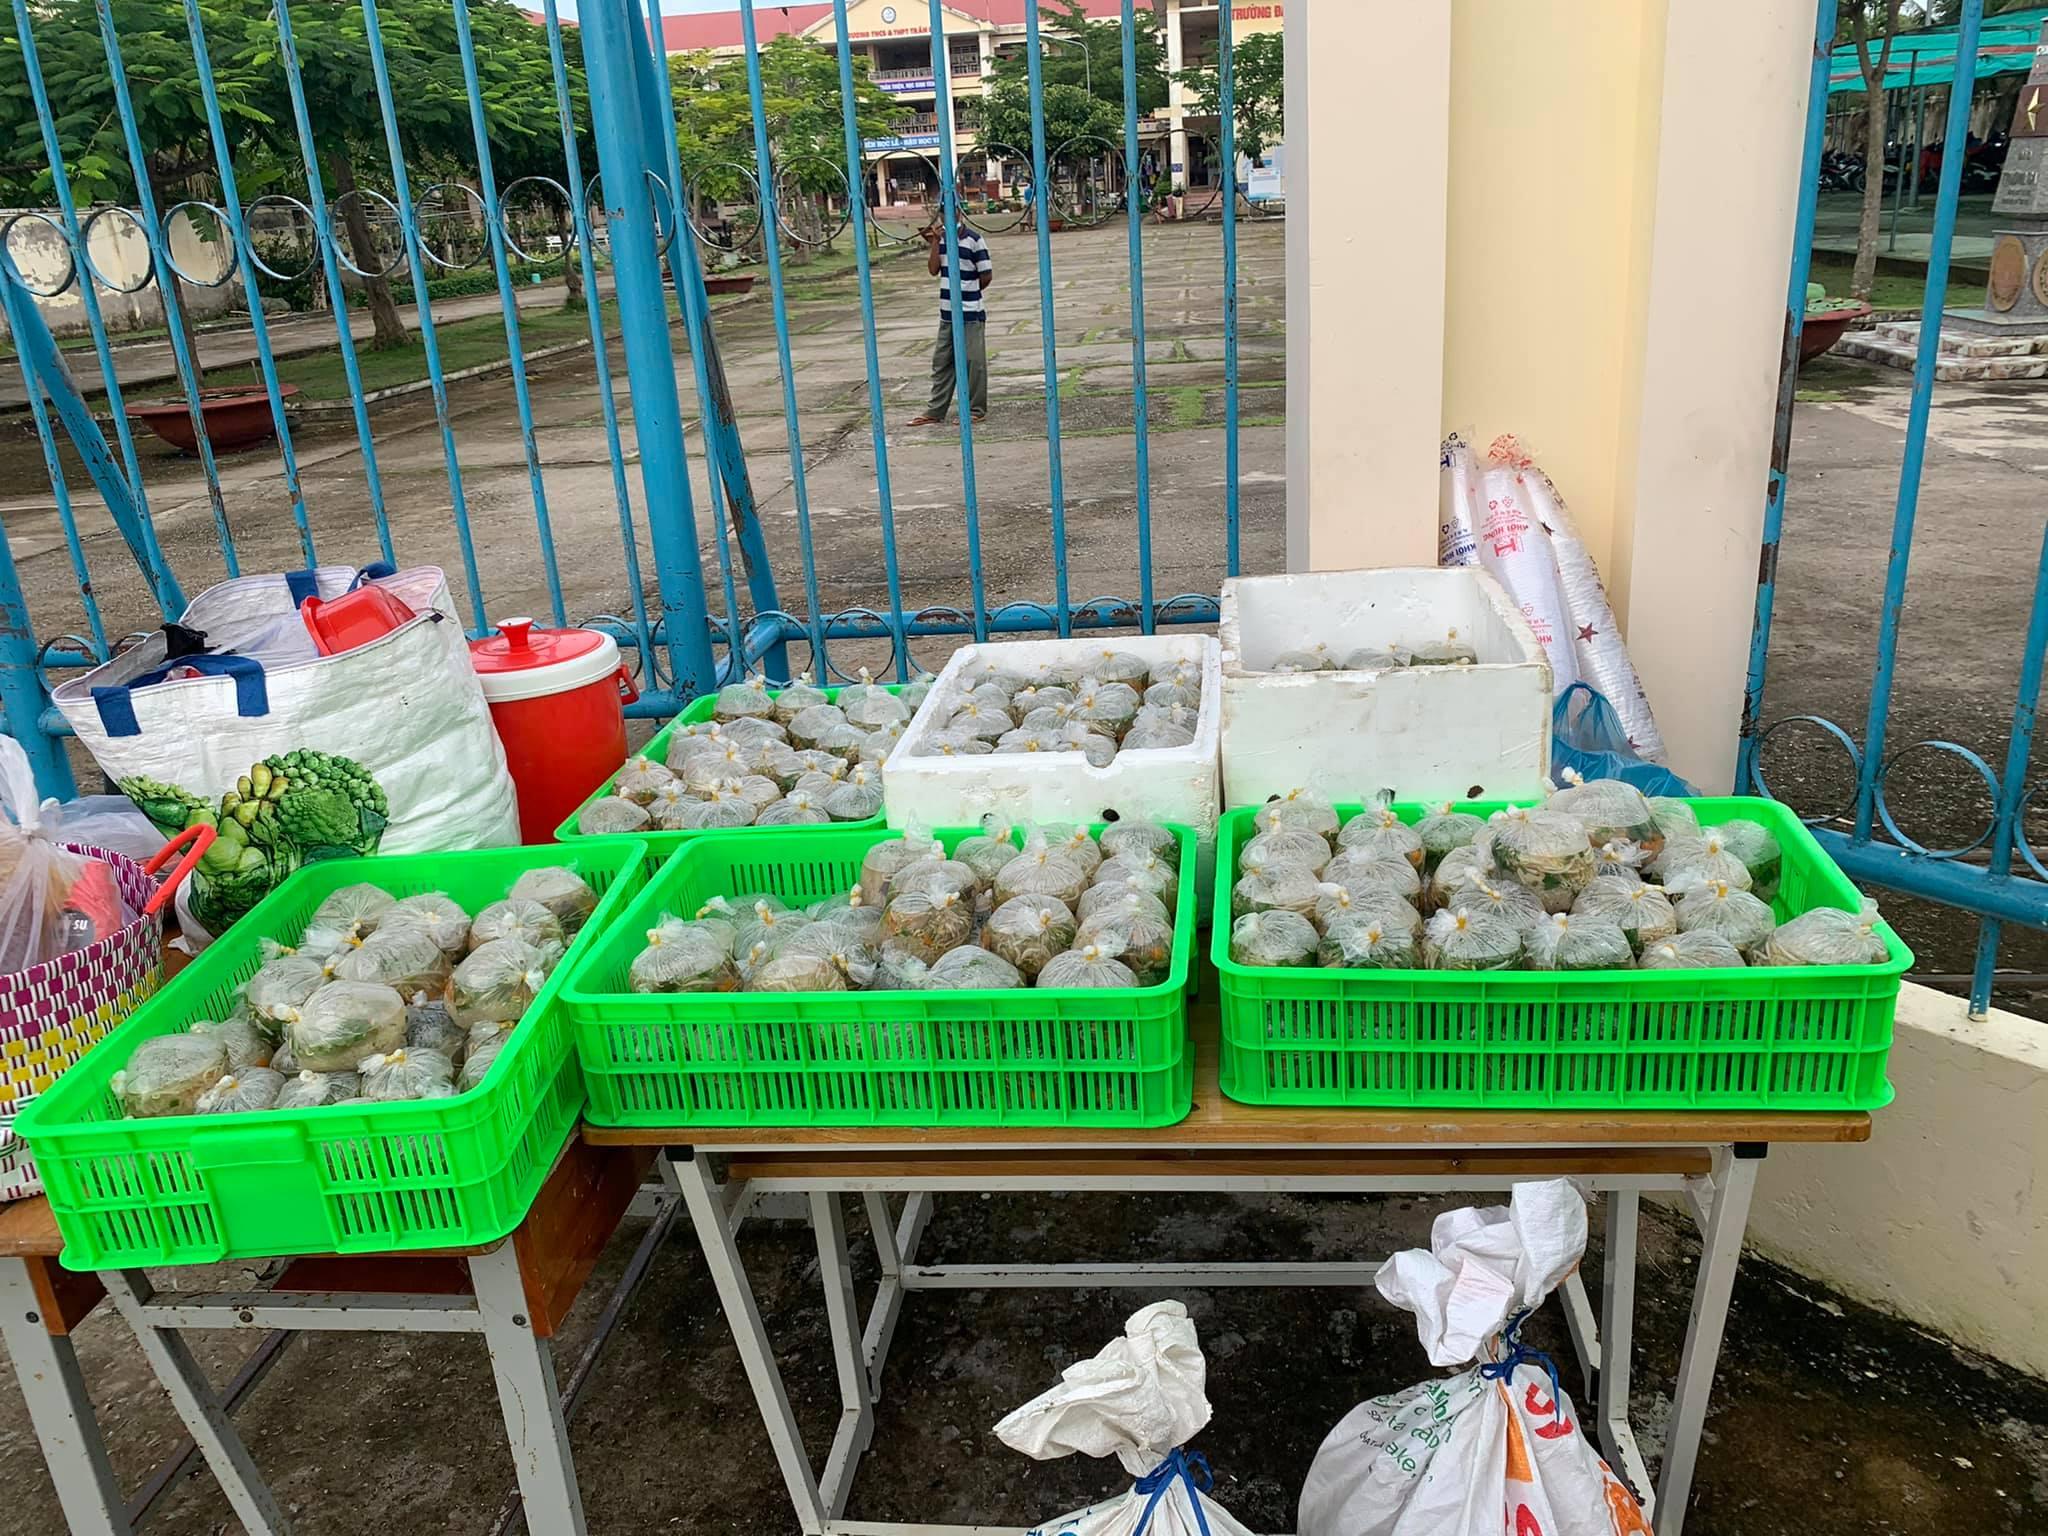 Những suất cháo được chị Như và mọi người mang đến khu cách ly tại trường THCS Trần Đề, ngày 4/10. Ảnh: Nhân vật cung cấp.